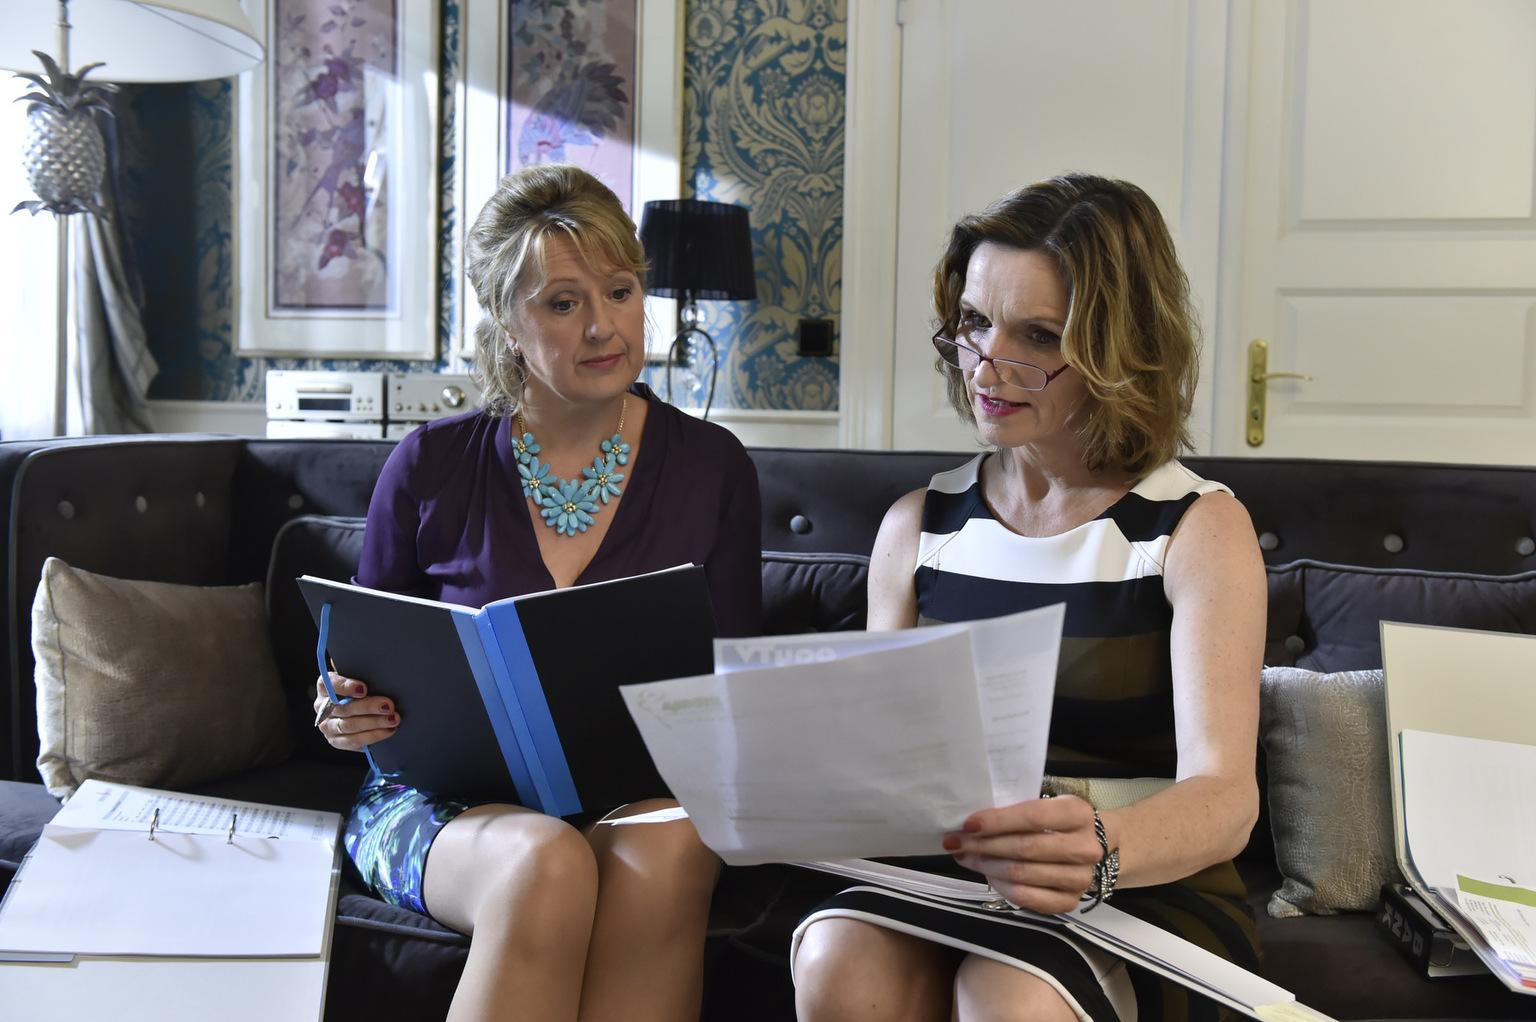 Planen auf Kosten von Gül, einen entscheidenden Sparschnitt: Felicitas (Claudia Lietz, l.) und Sylvia (Eva Mannschott, r.) ... (Quelle: Sat1)